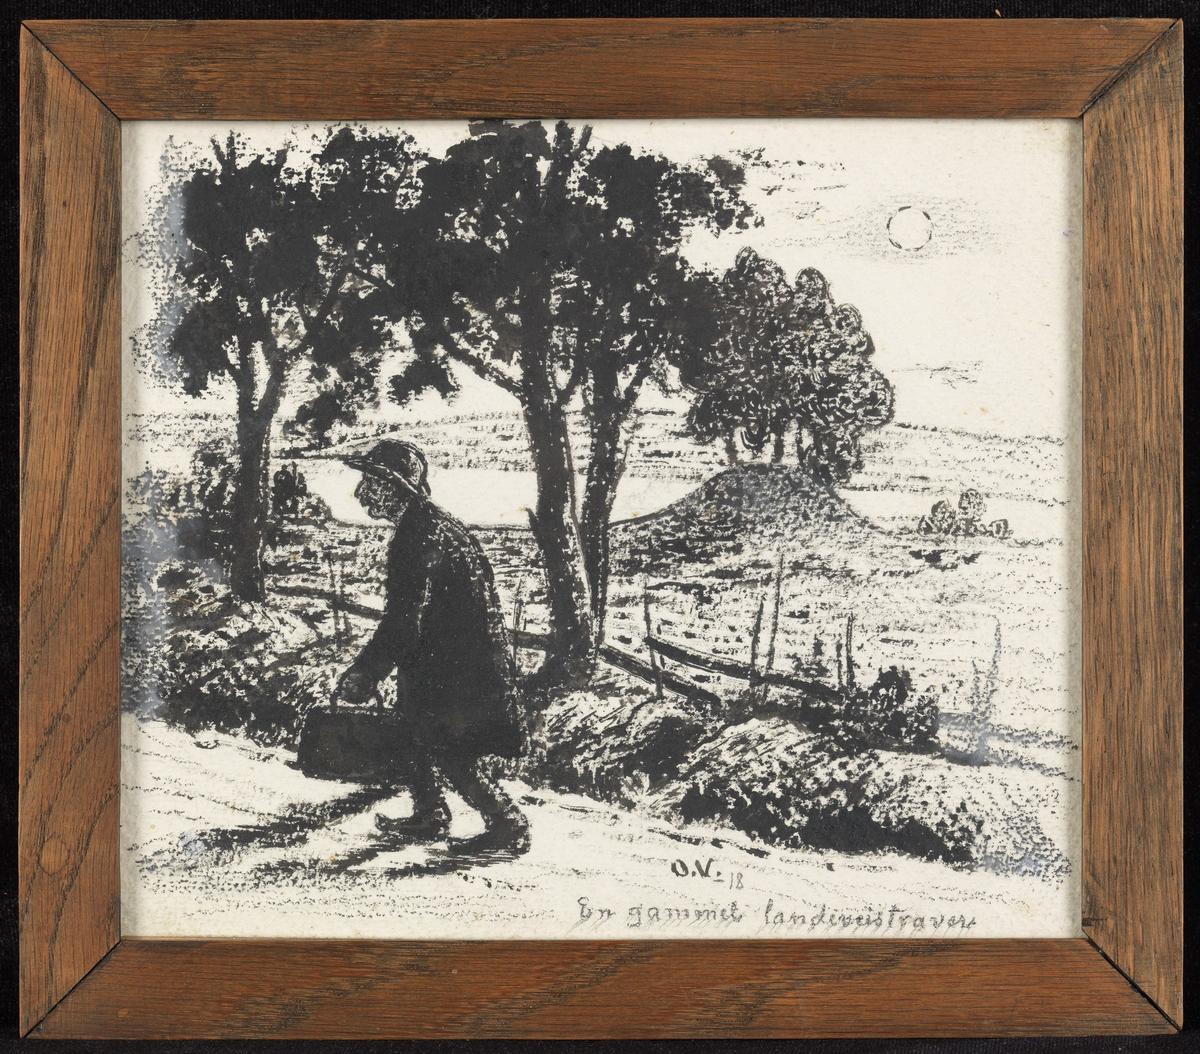 Vei m. trær, utsyn over vann og åser, i forgr. mann, gående, venstreprof., m. vadsekk